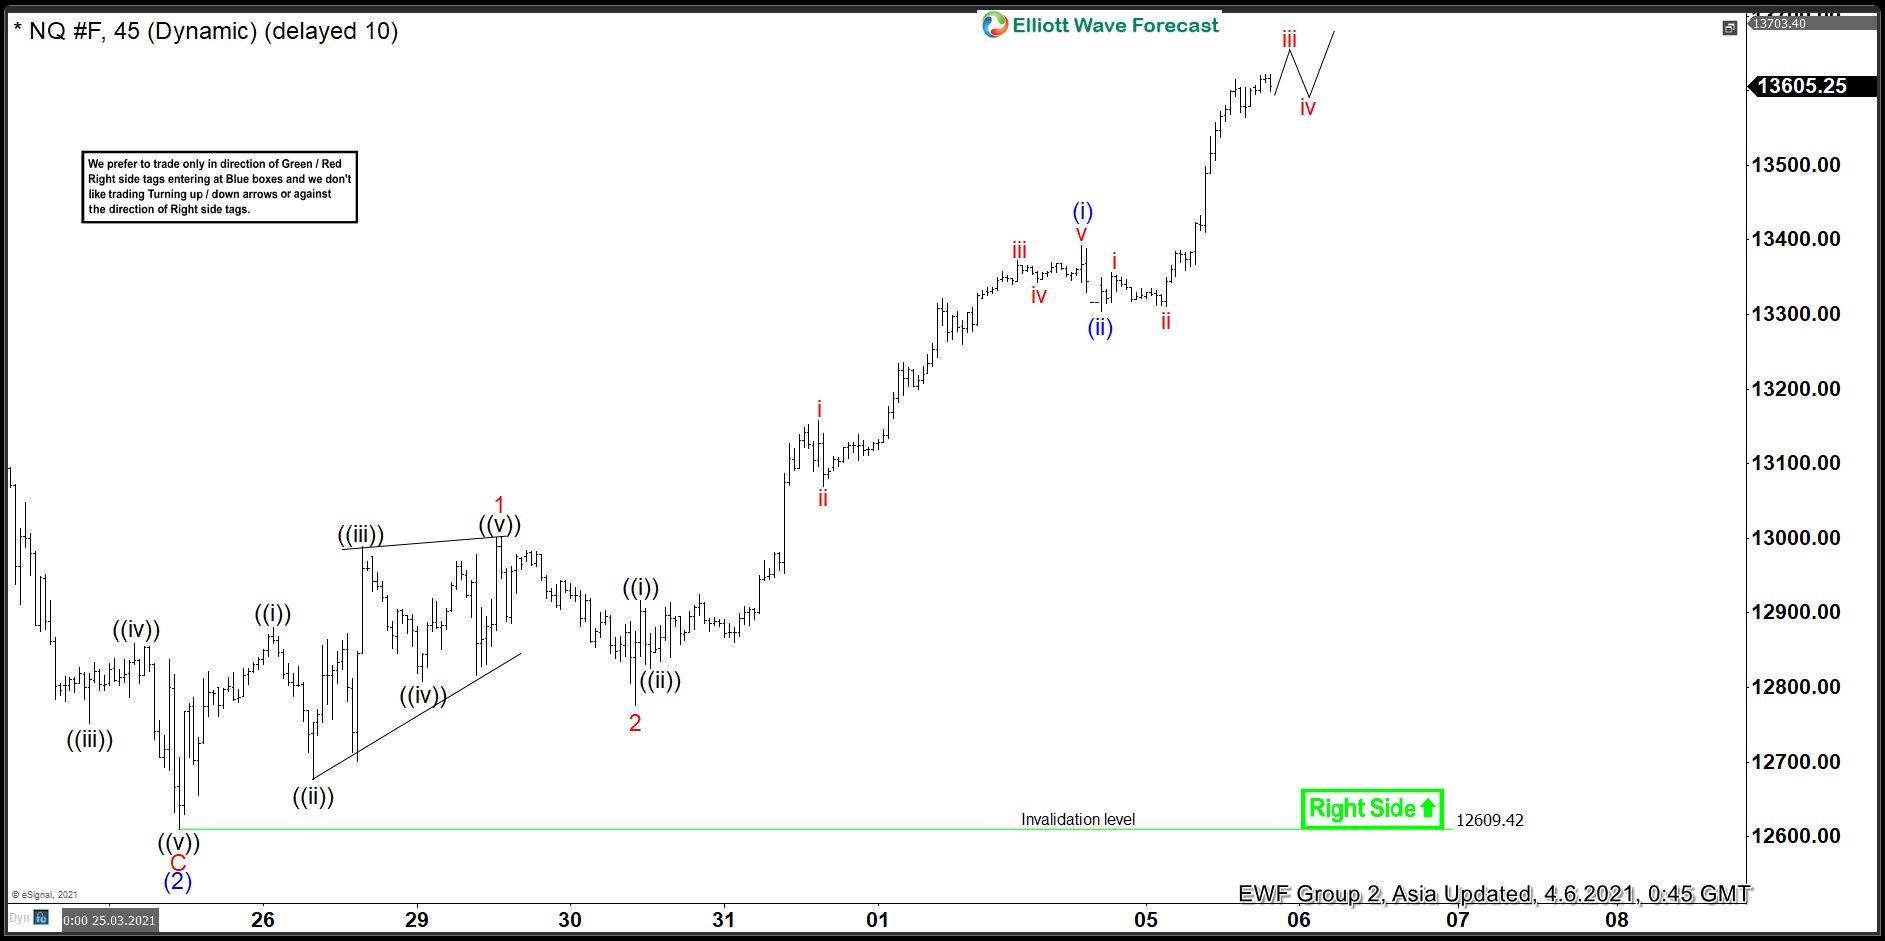 NASDAQ Elliott Wave View: Extending Higher In Wave Three